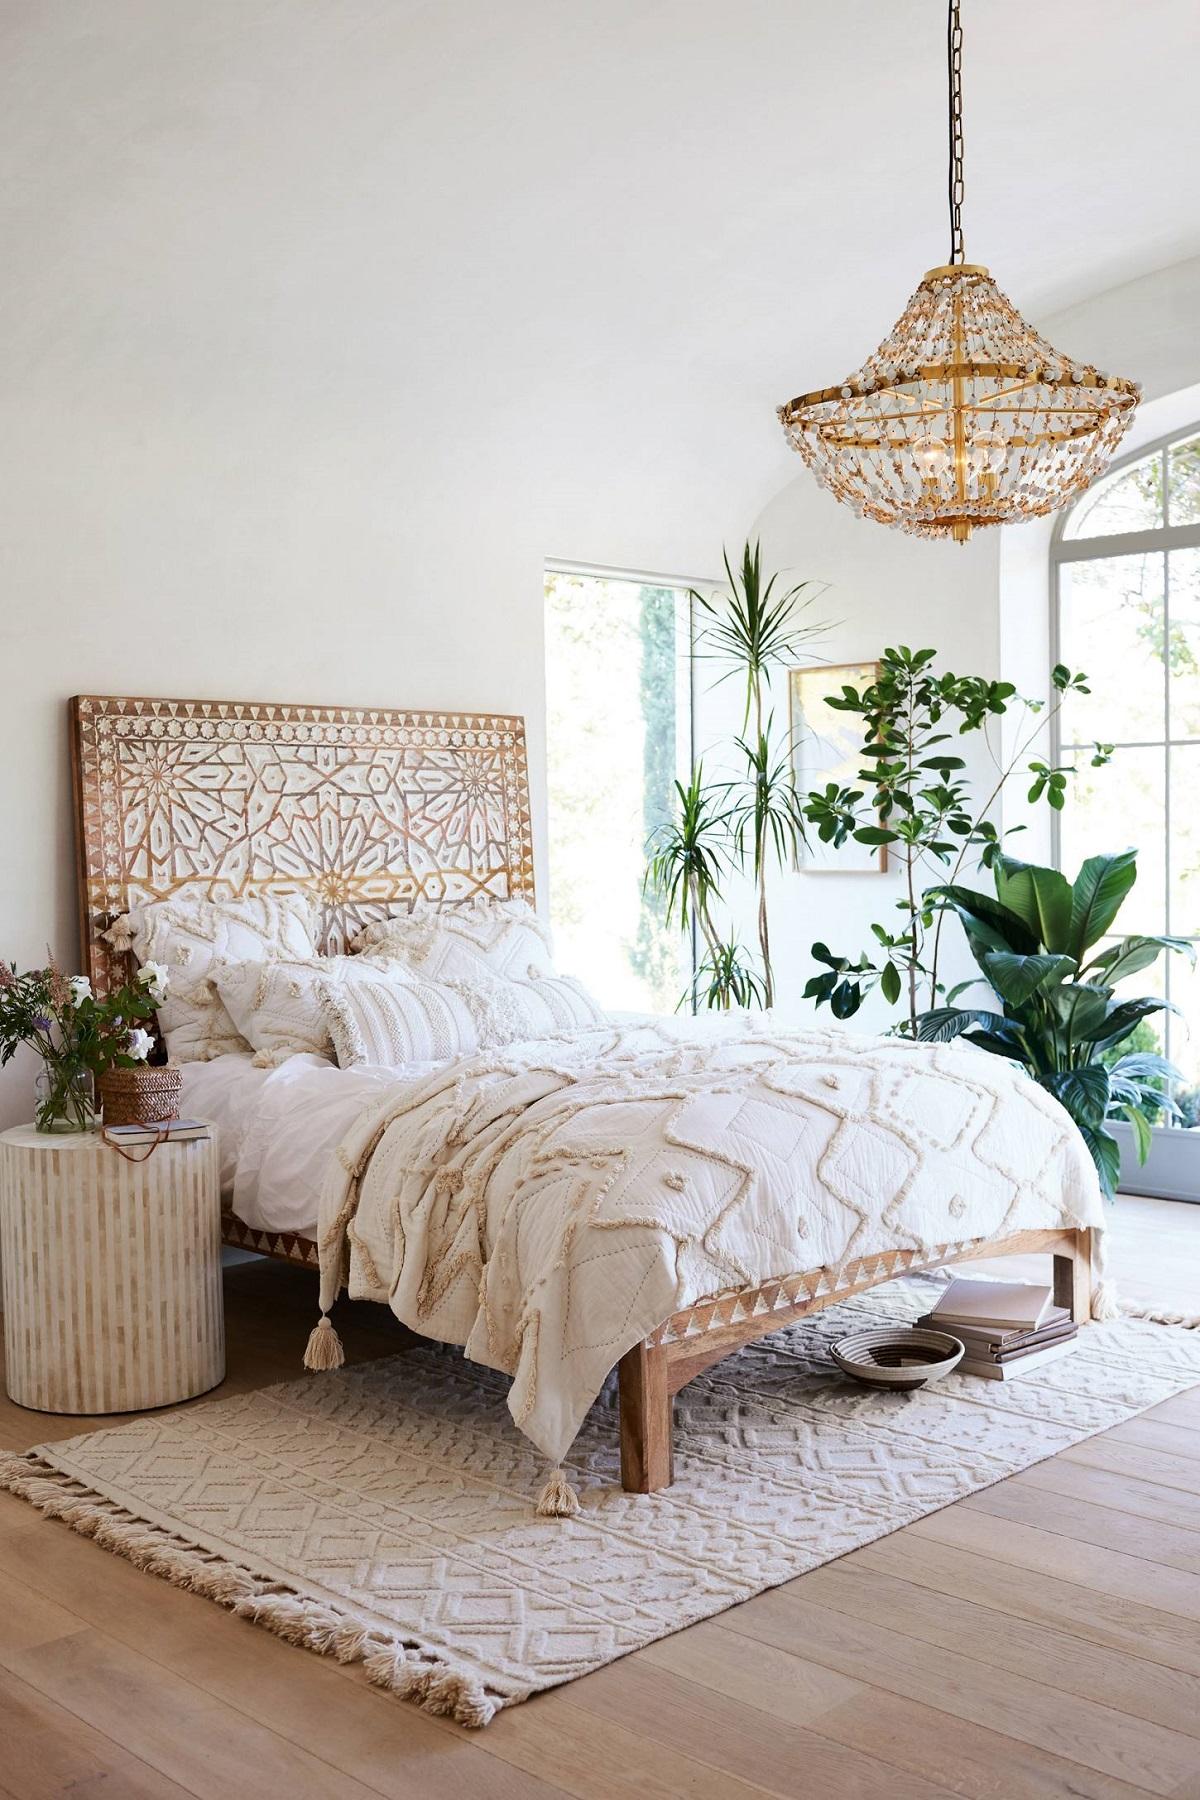 Кровать изголовьем к окну в стиле эко